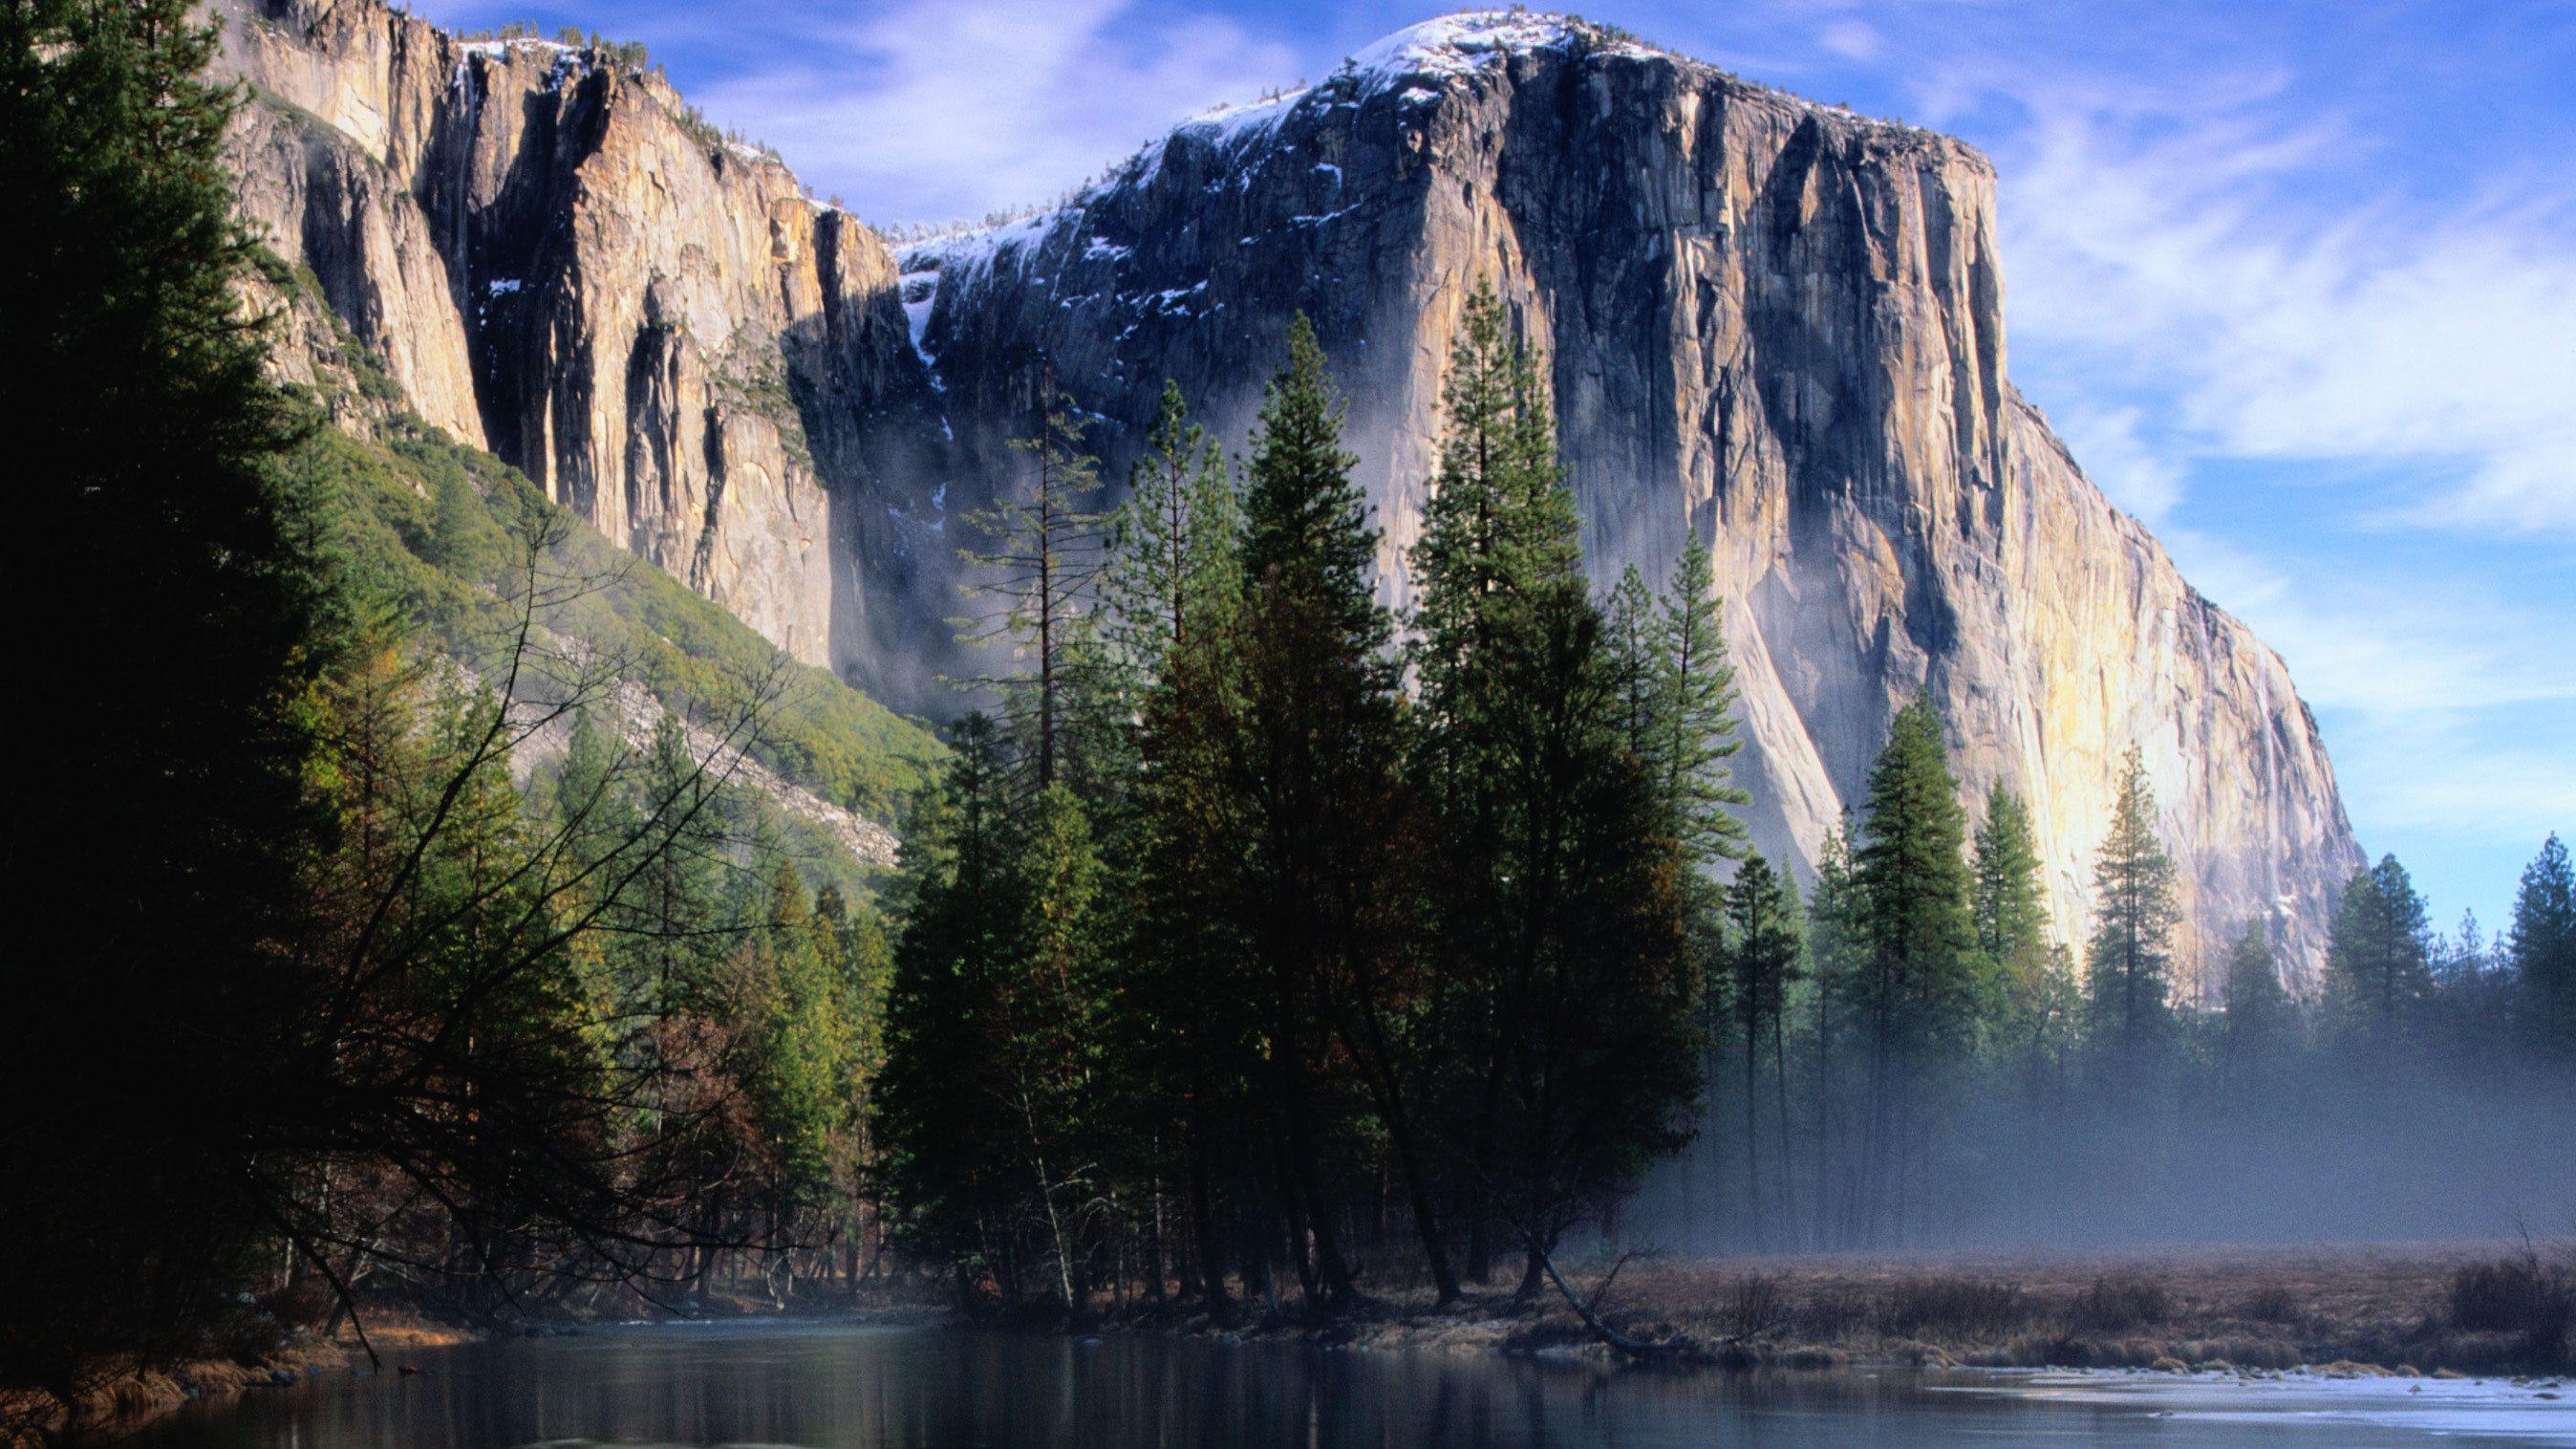 El Capitan and river at Yosemite National Park